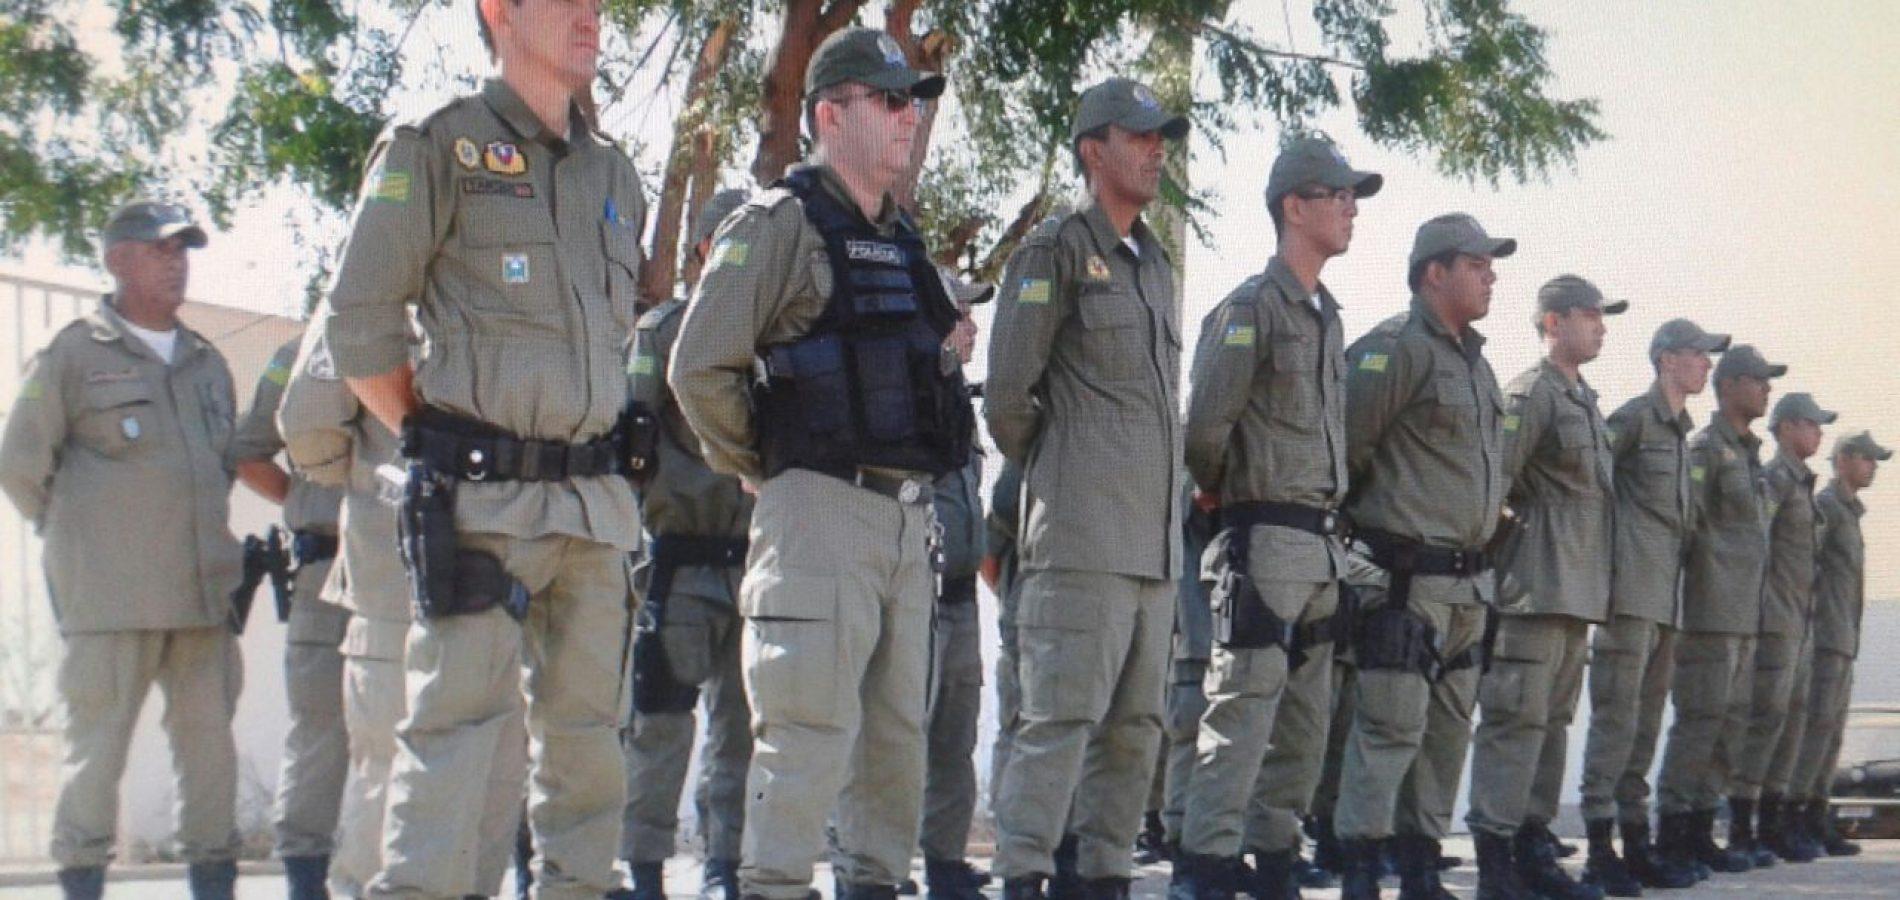 Piauí terá mais de 1.600 policiais na segurança das eleições 2016